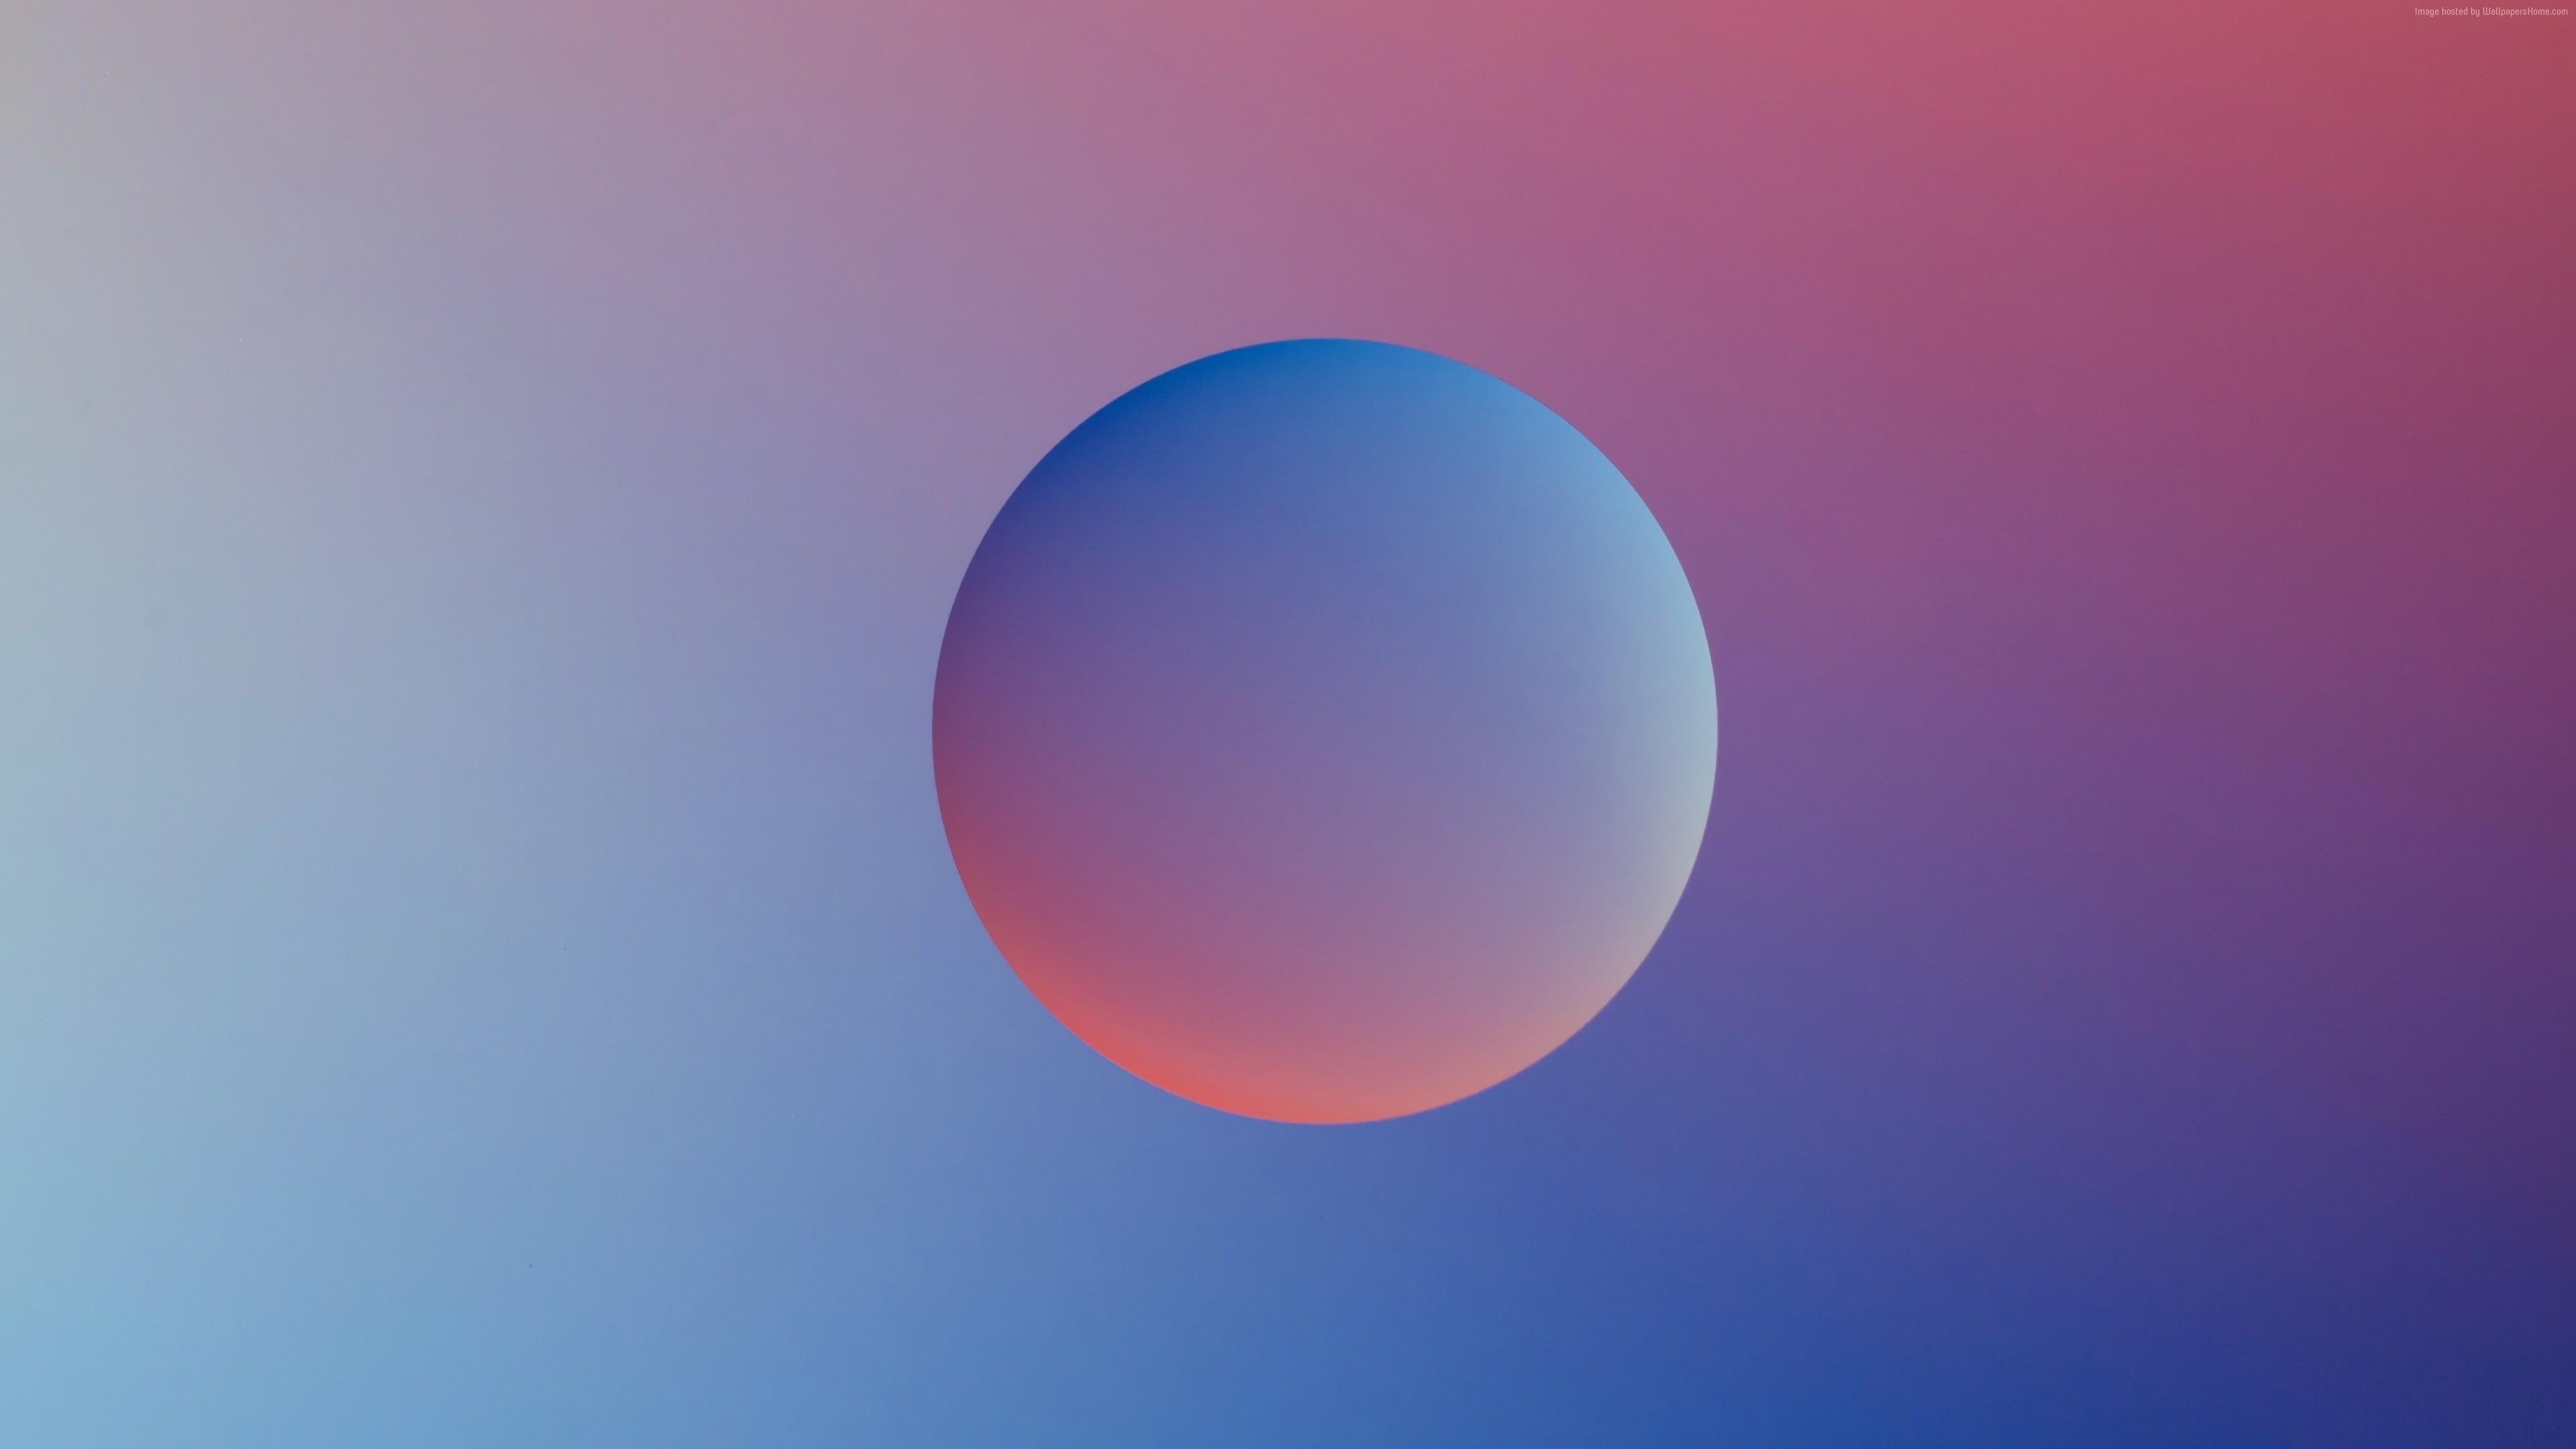 Wallpaper Drop MacBook Pro 4k 5k Iphone Abstract 3D